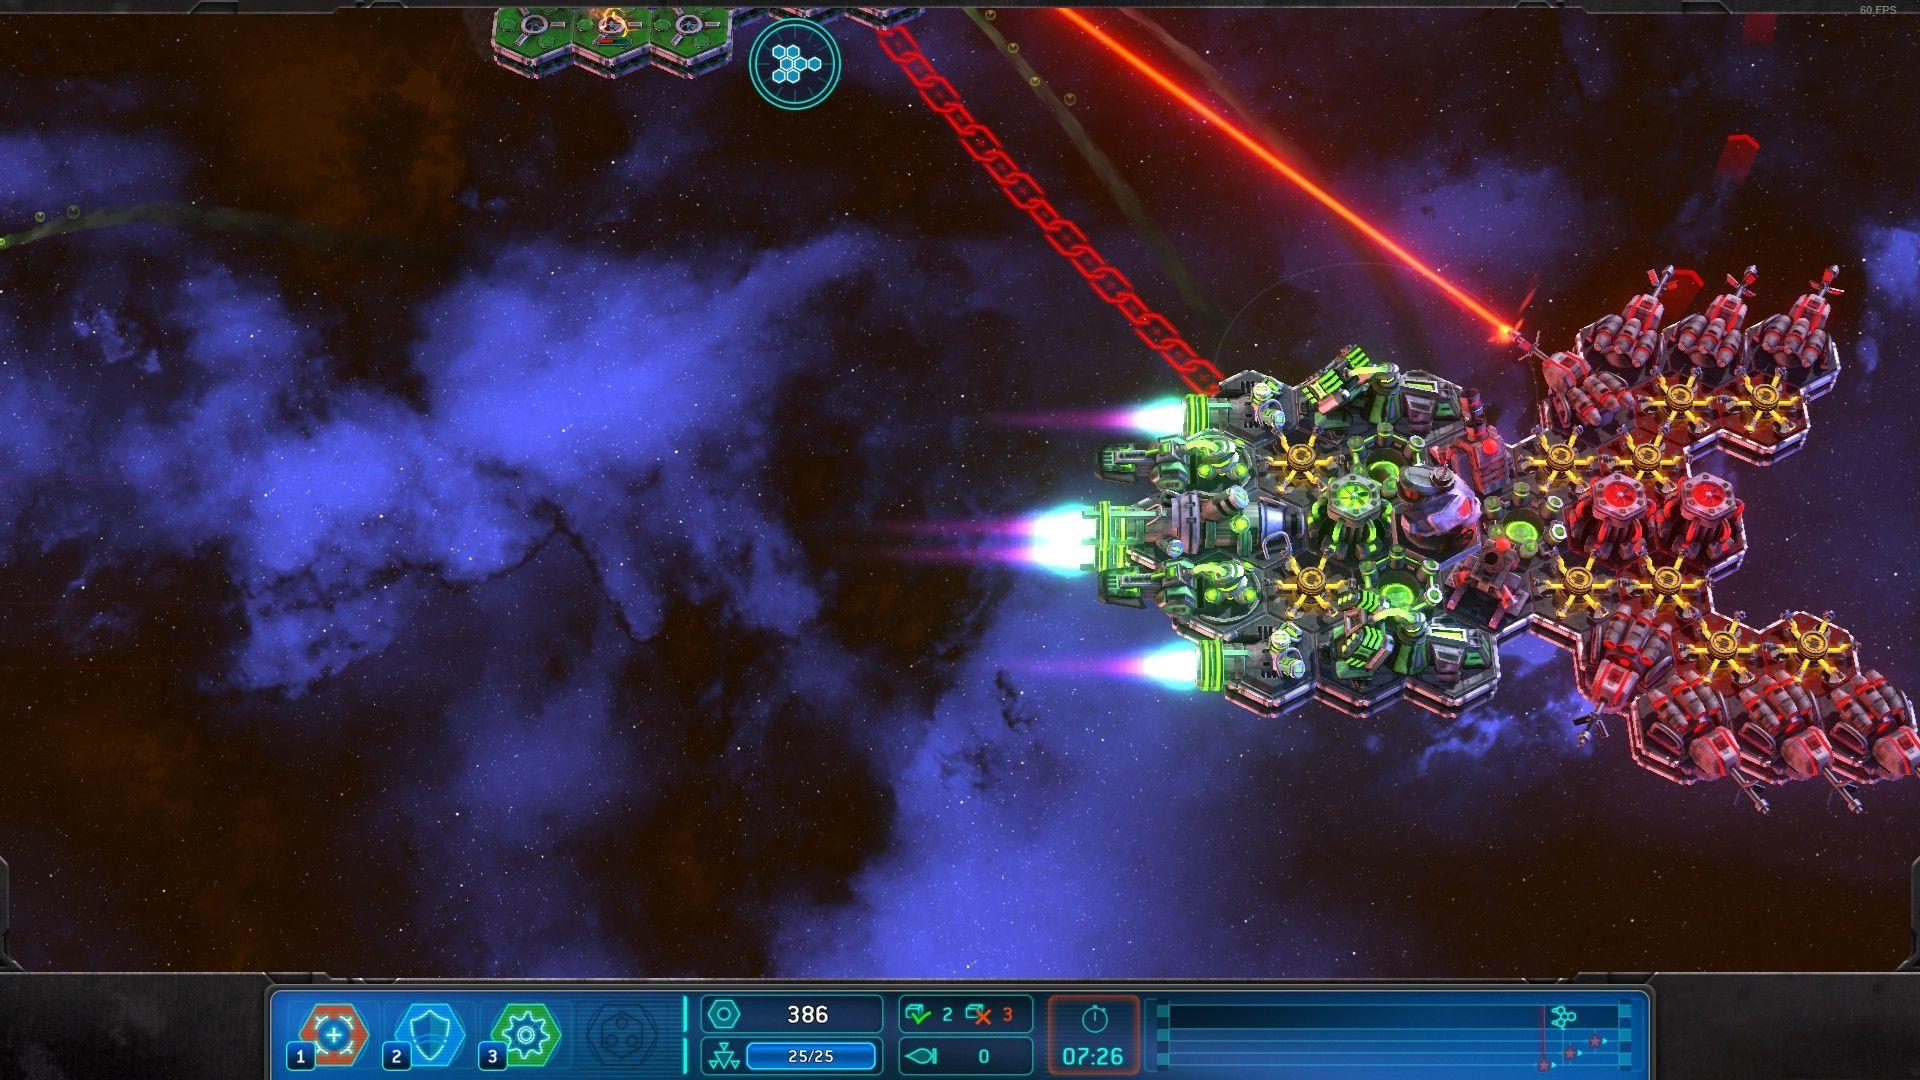 Vo väčšine hier z vesmíru ide o záchranu sveta, civilizácie alebo prinajmenšom posádky lode. Space Run Galaxy to ale nerieši a jednoducho doručuje tovar na rôzne planéty. A pobaví.